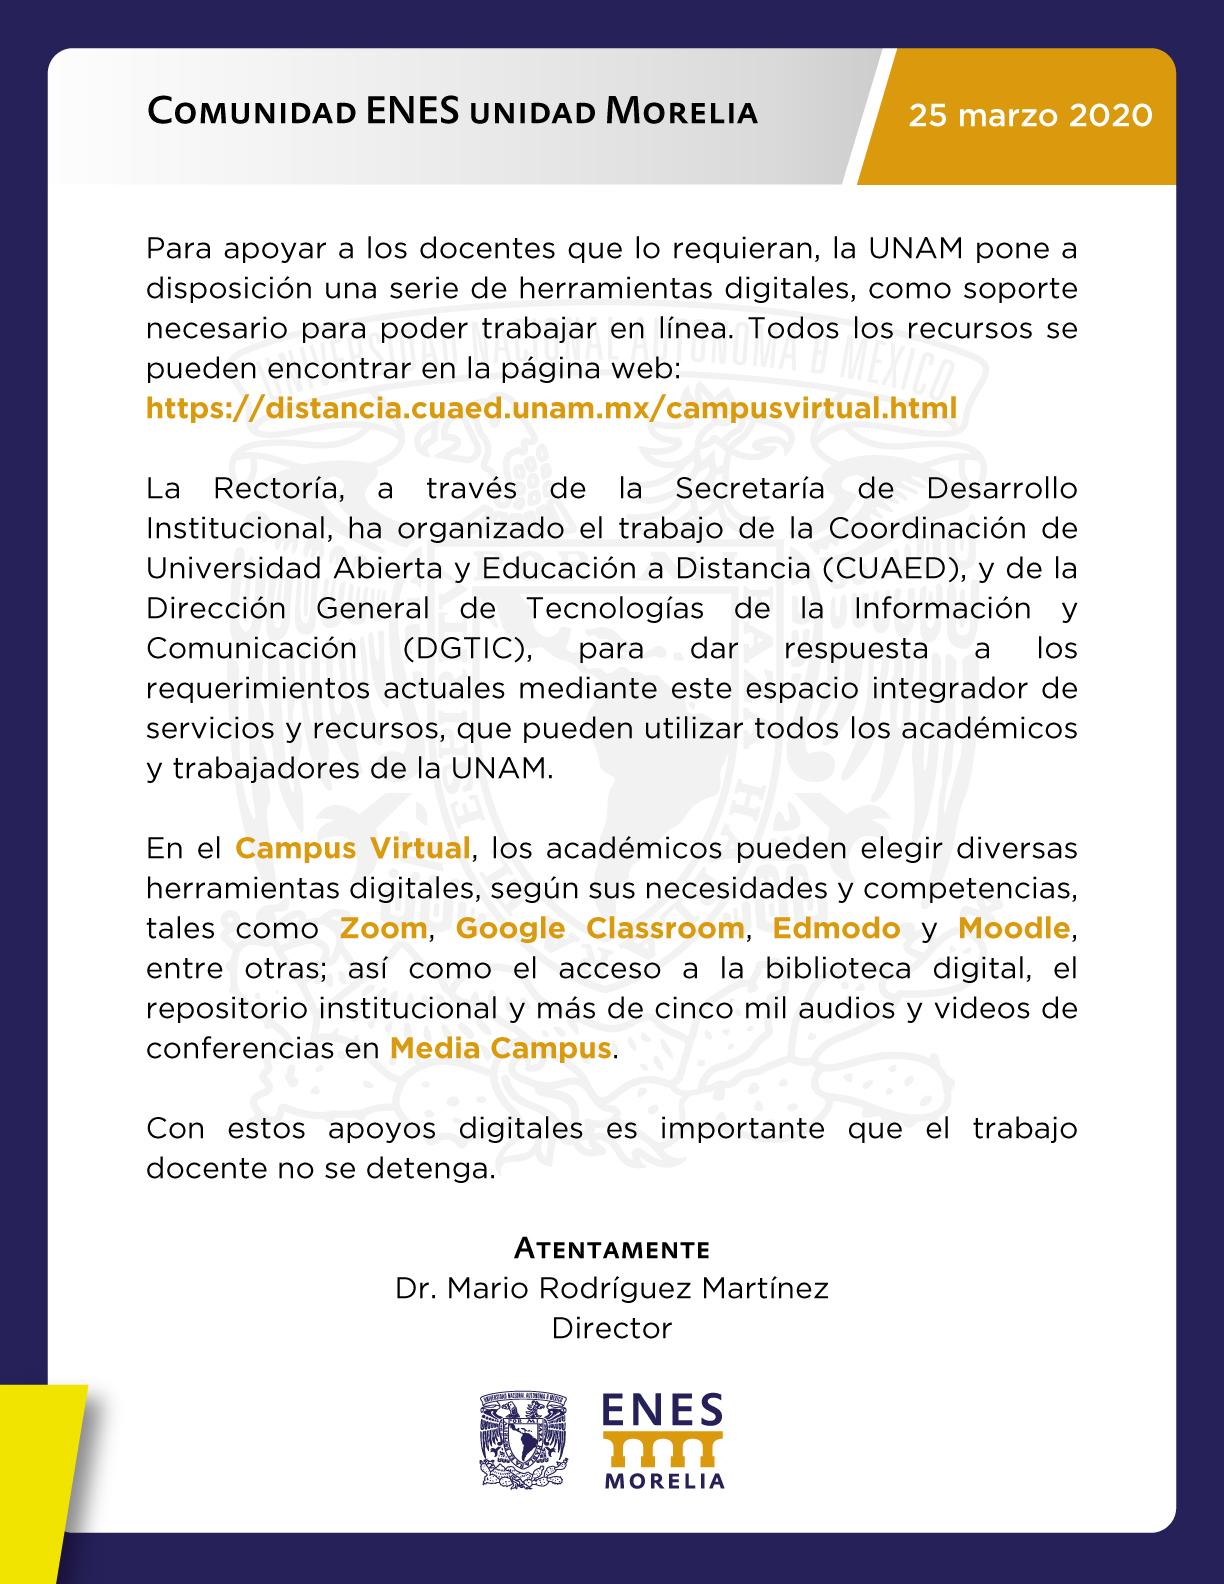 Comunicado-ENES-250320